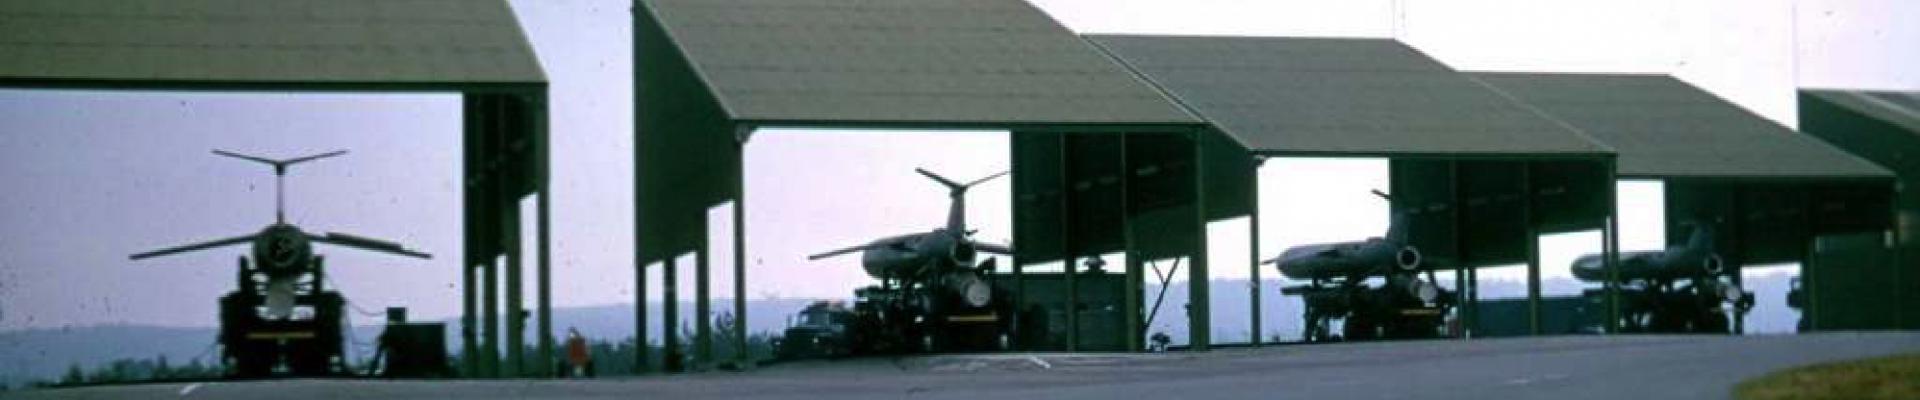 TAC Missileers